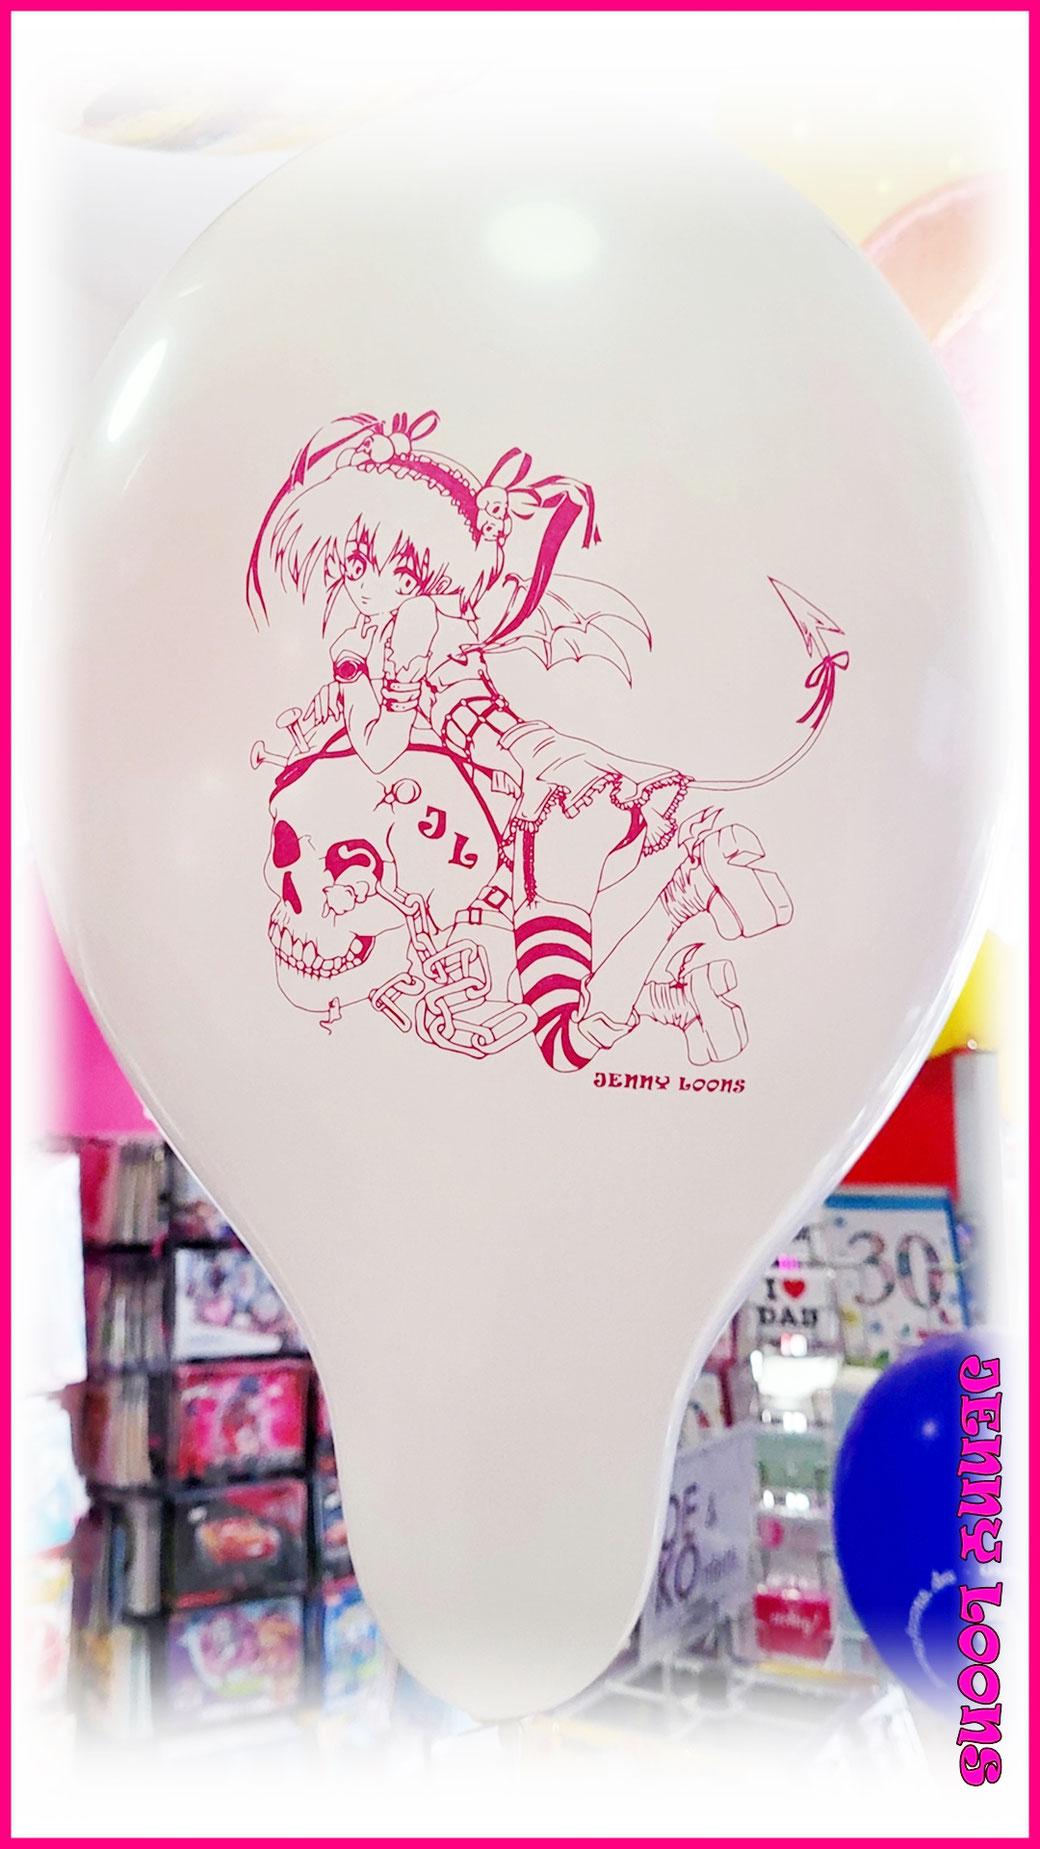 BELBAL B120 Its a Boy - Its a Girl - Geburt - Gender - Baby - Luftballons - Ballons - Balloons